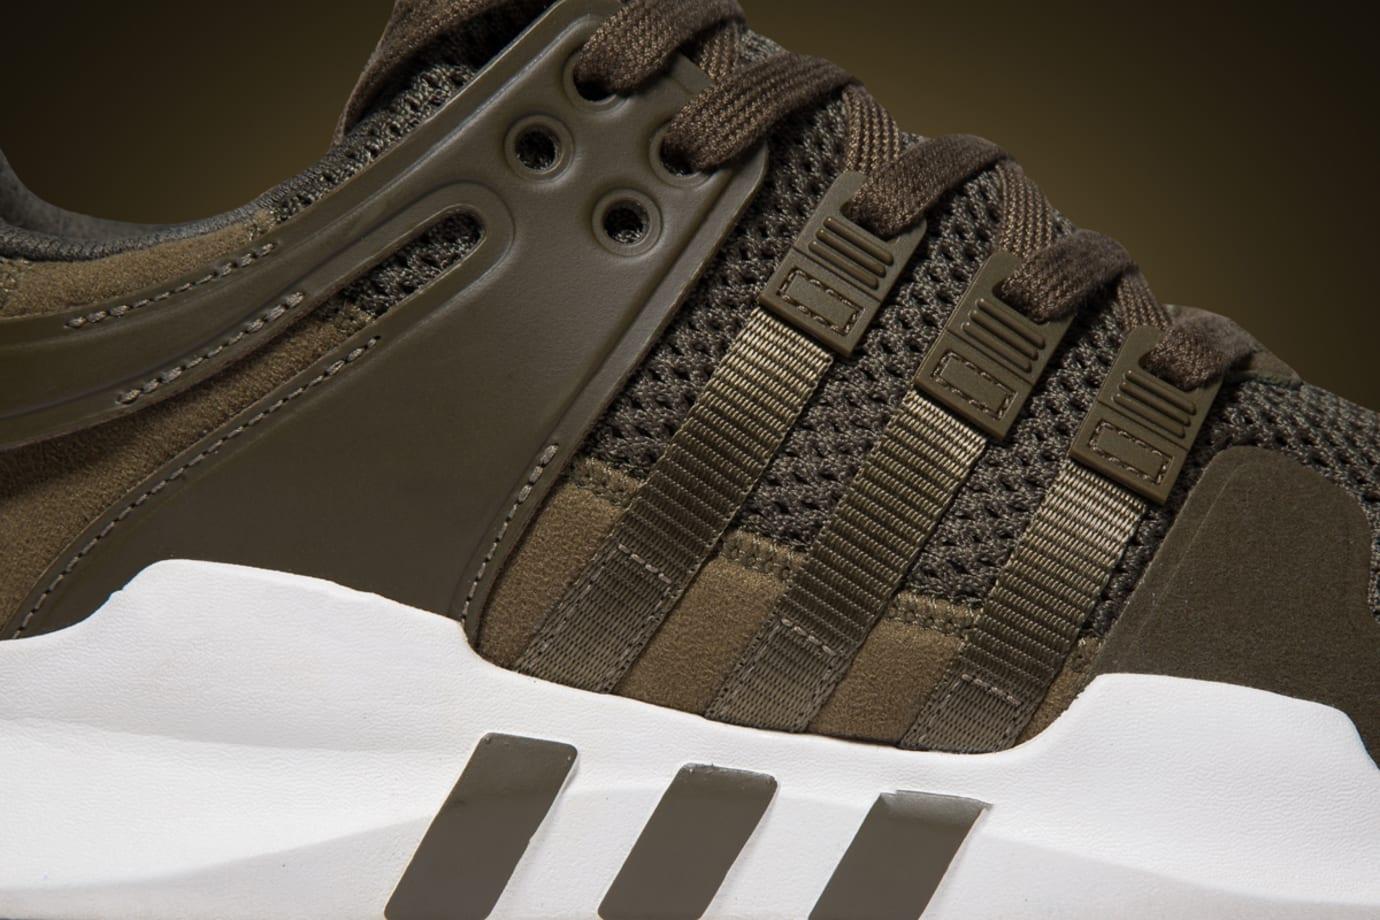 Adidas EQT ADV Olive Stripes